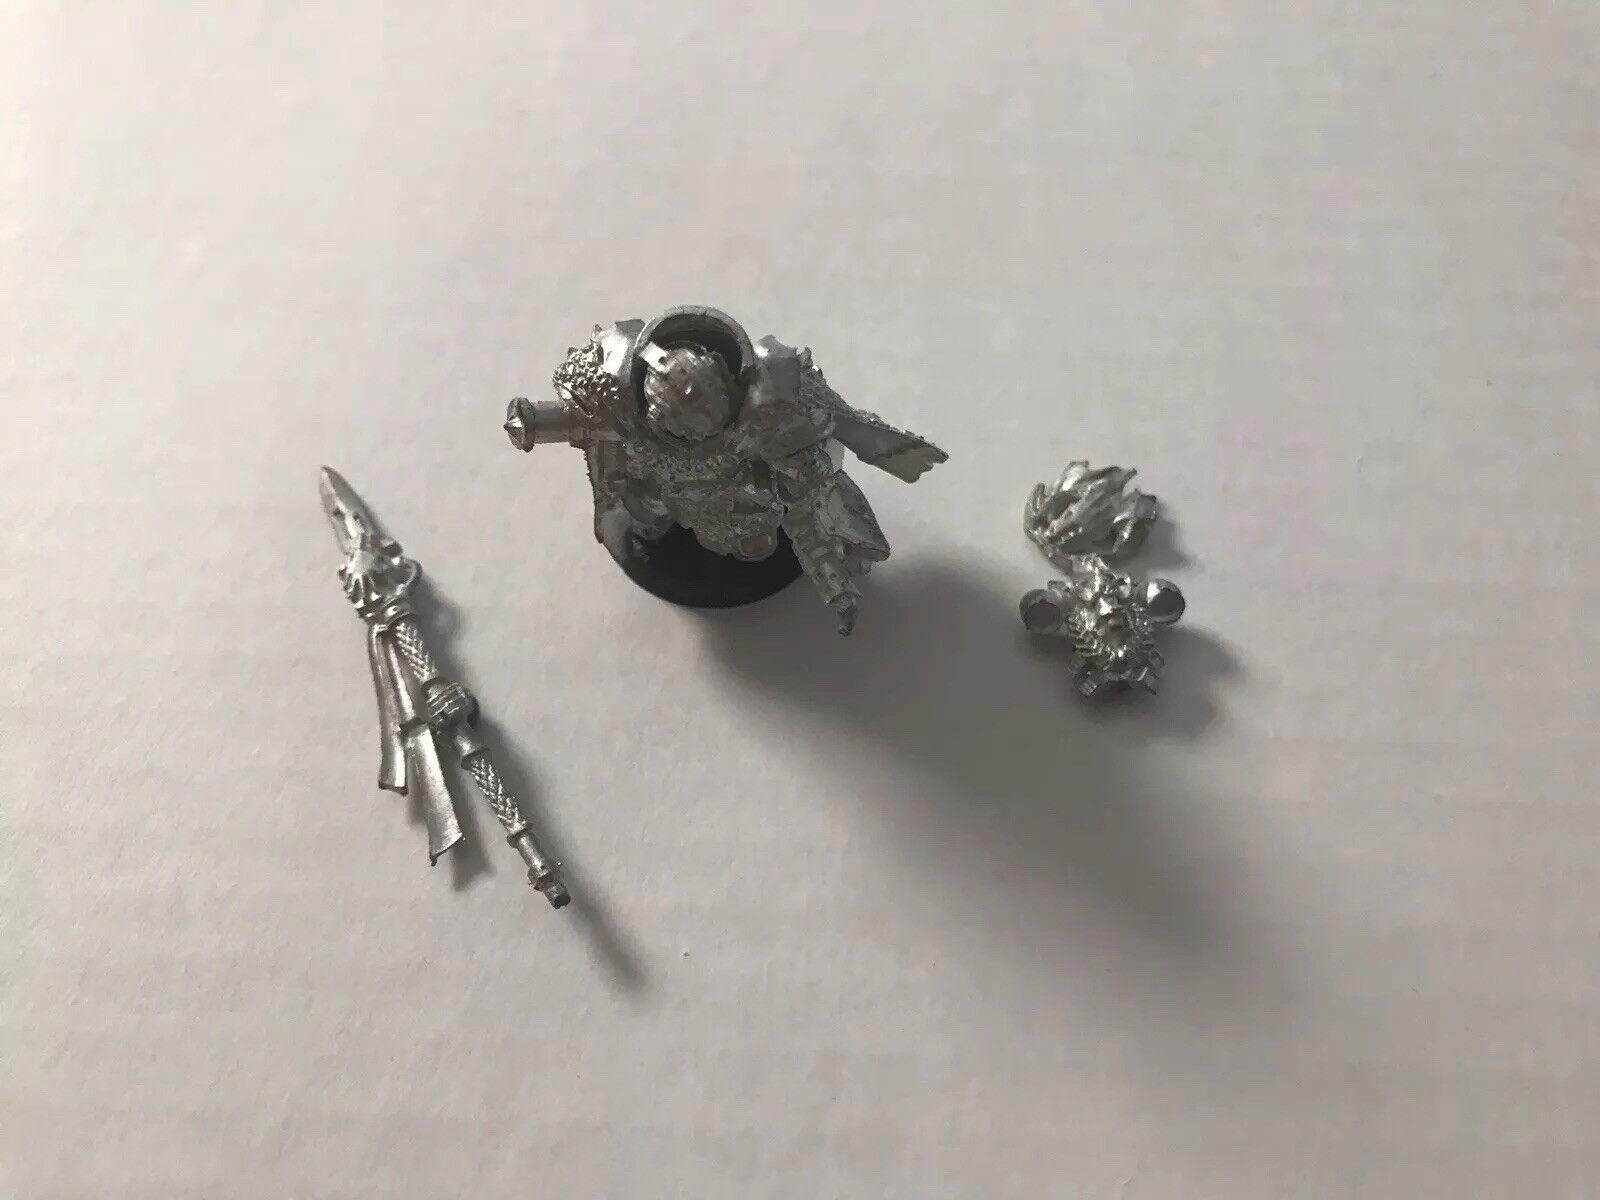 Warhammer 40k salamander - vulkan he'stan metall -